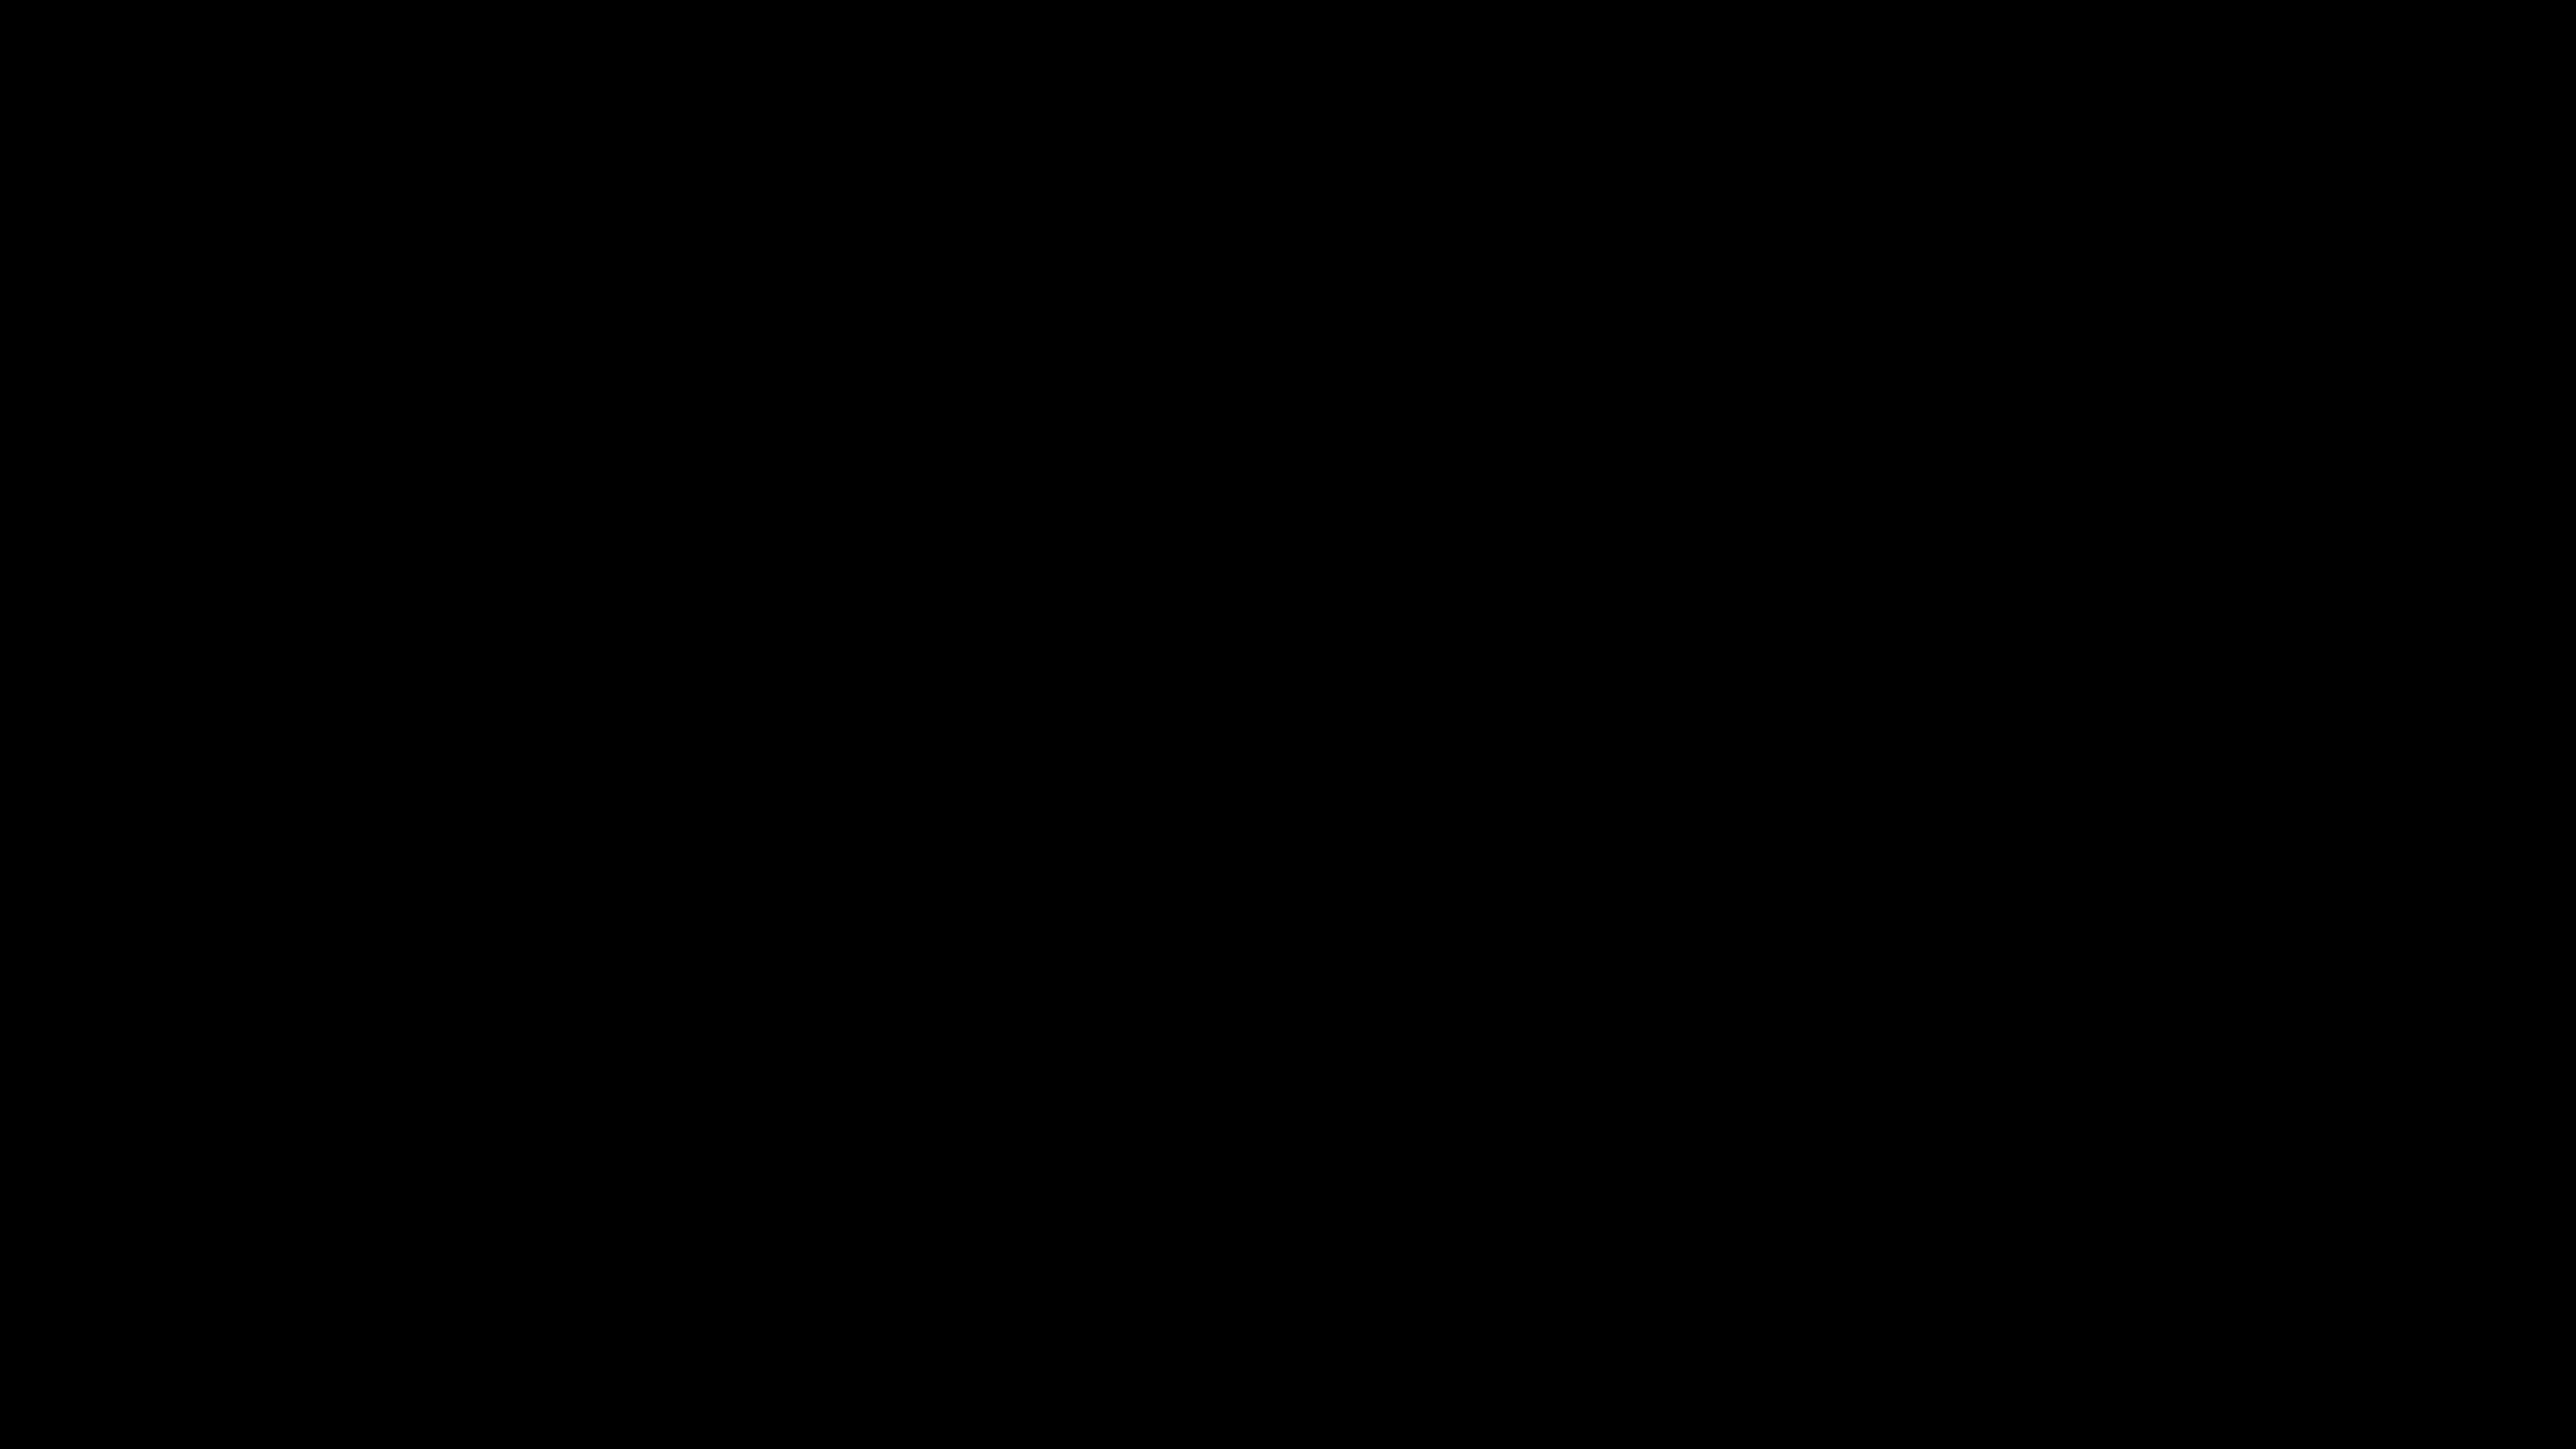 Propostes de la nostra col·lecció de LIJ per la campanya 'Fas sis anys, tria un llibre'